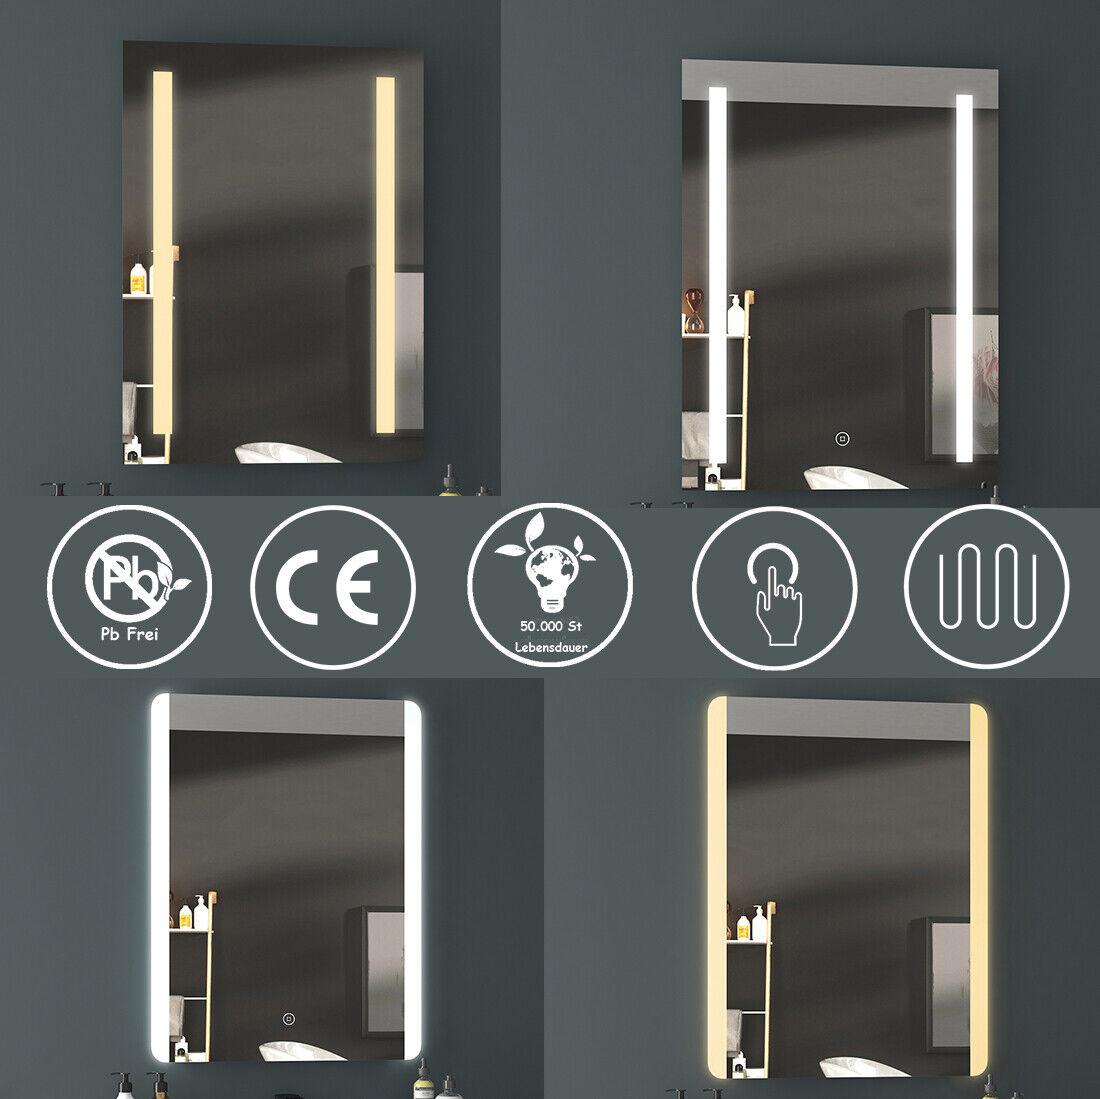 LED Badspiegel 50x70 60x80 Badezimmerspiegel mit Beleuchtung Touch Beschlagfrei